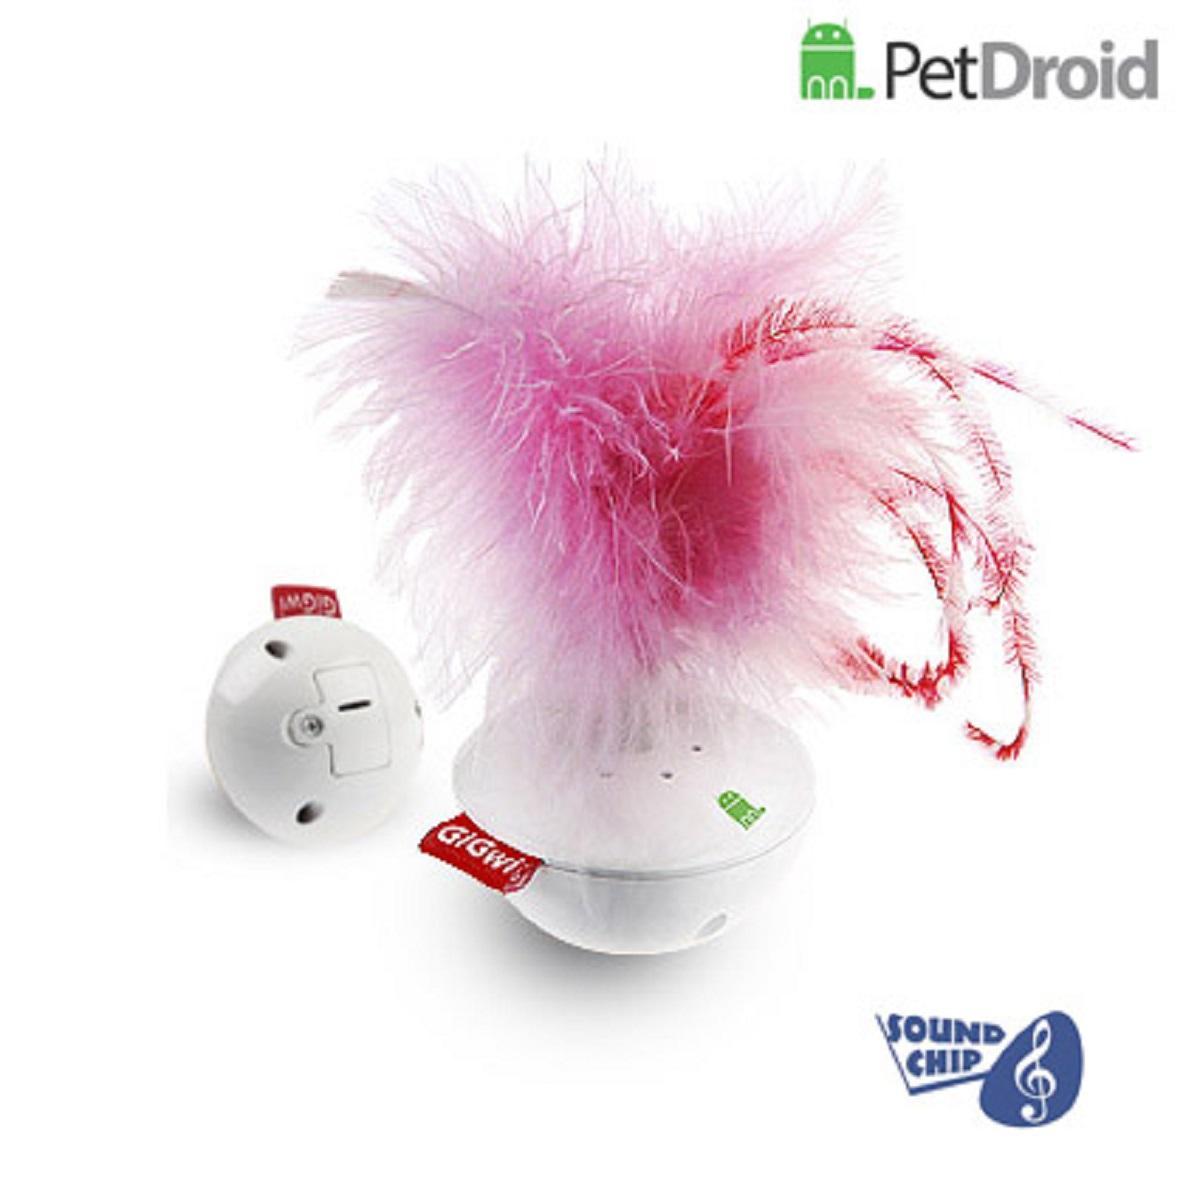 Электронная игрушка для кошек GiGwi Pet Droid Фезер Воблер0120710Интерактивная игрушка-неваляшка с звуковым чипом для кошек. При касании лапами игрушка издает звуки похожие на чириканье птиц. Размер 14 см.